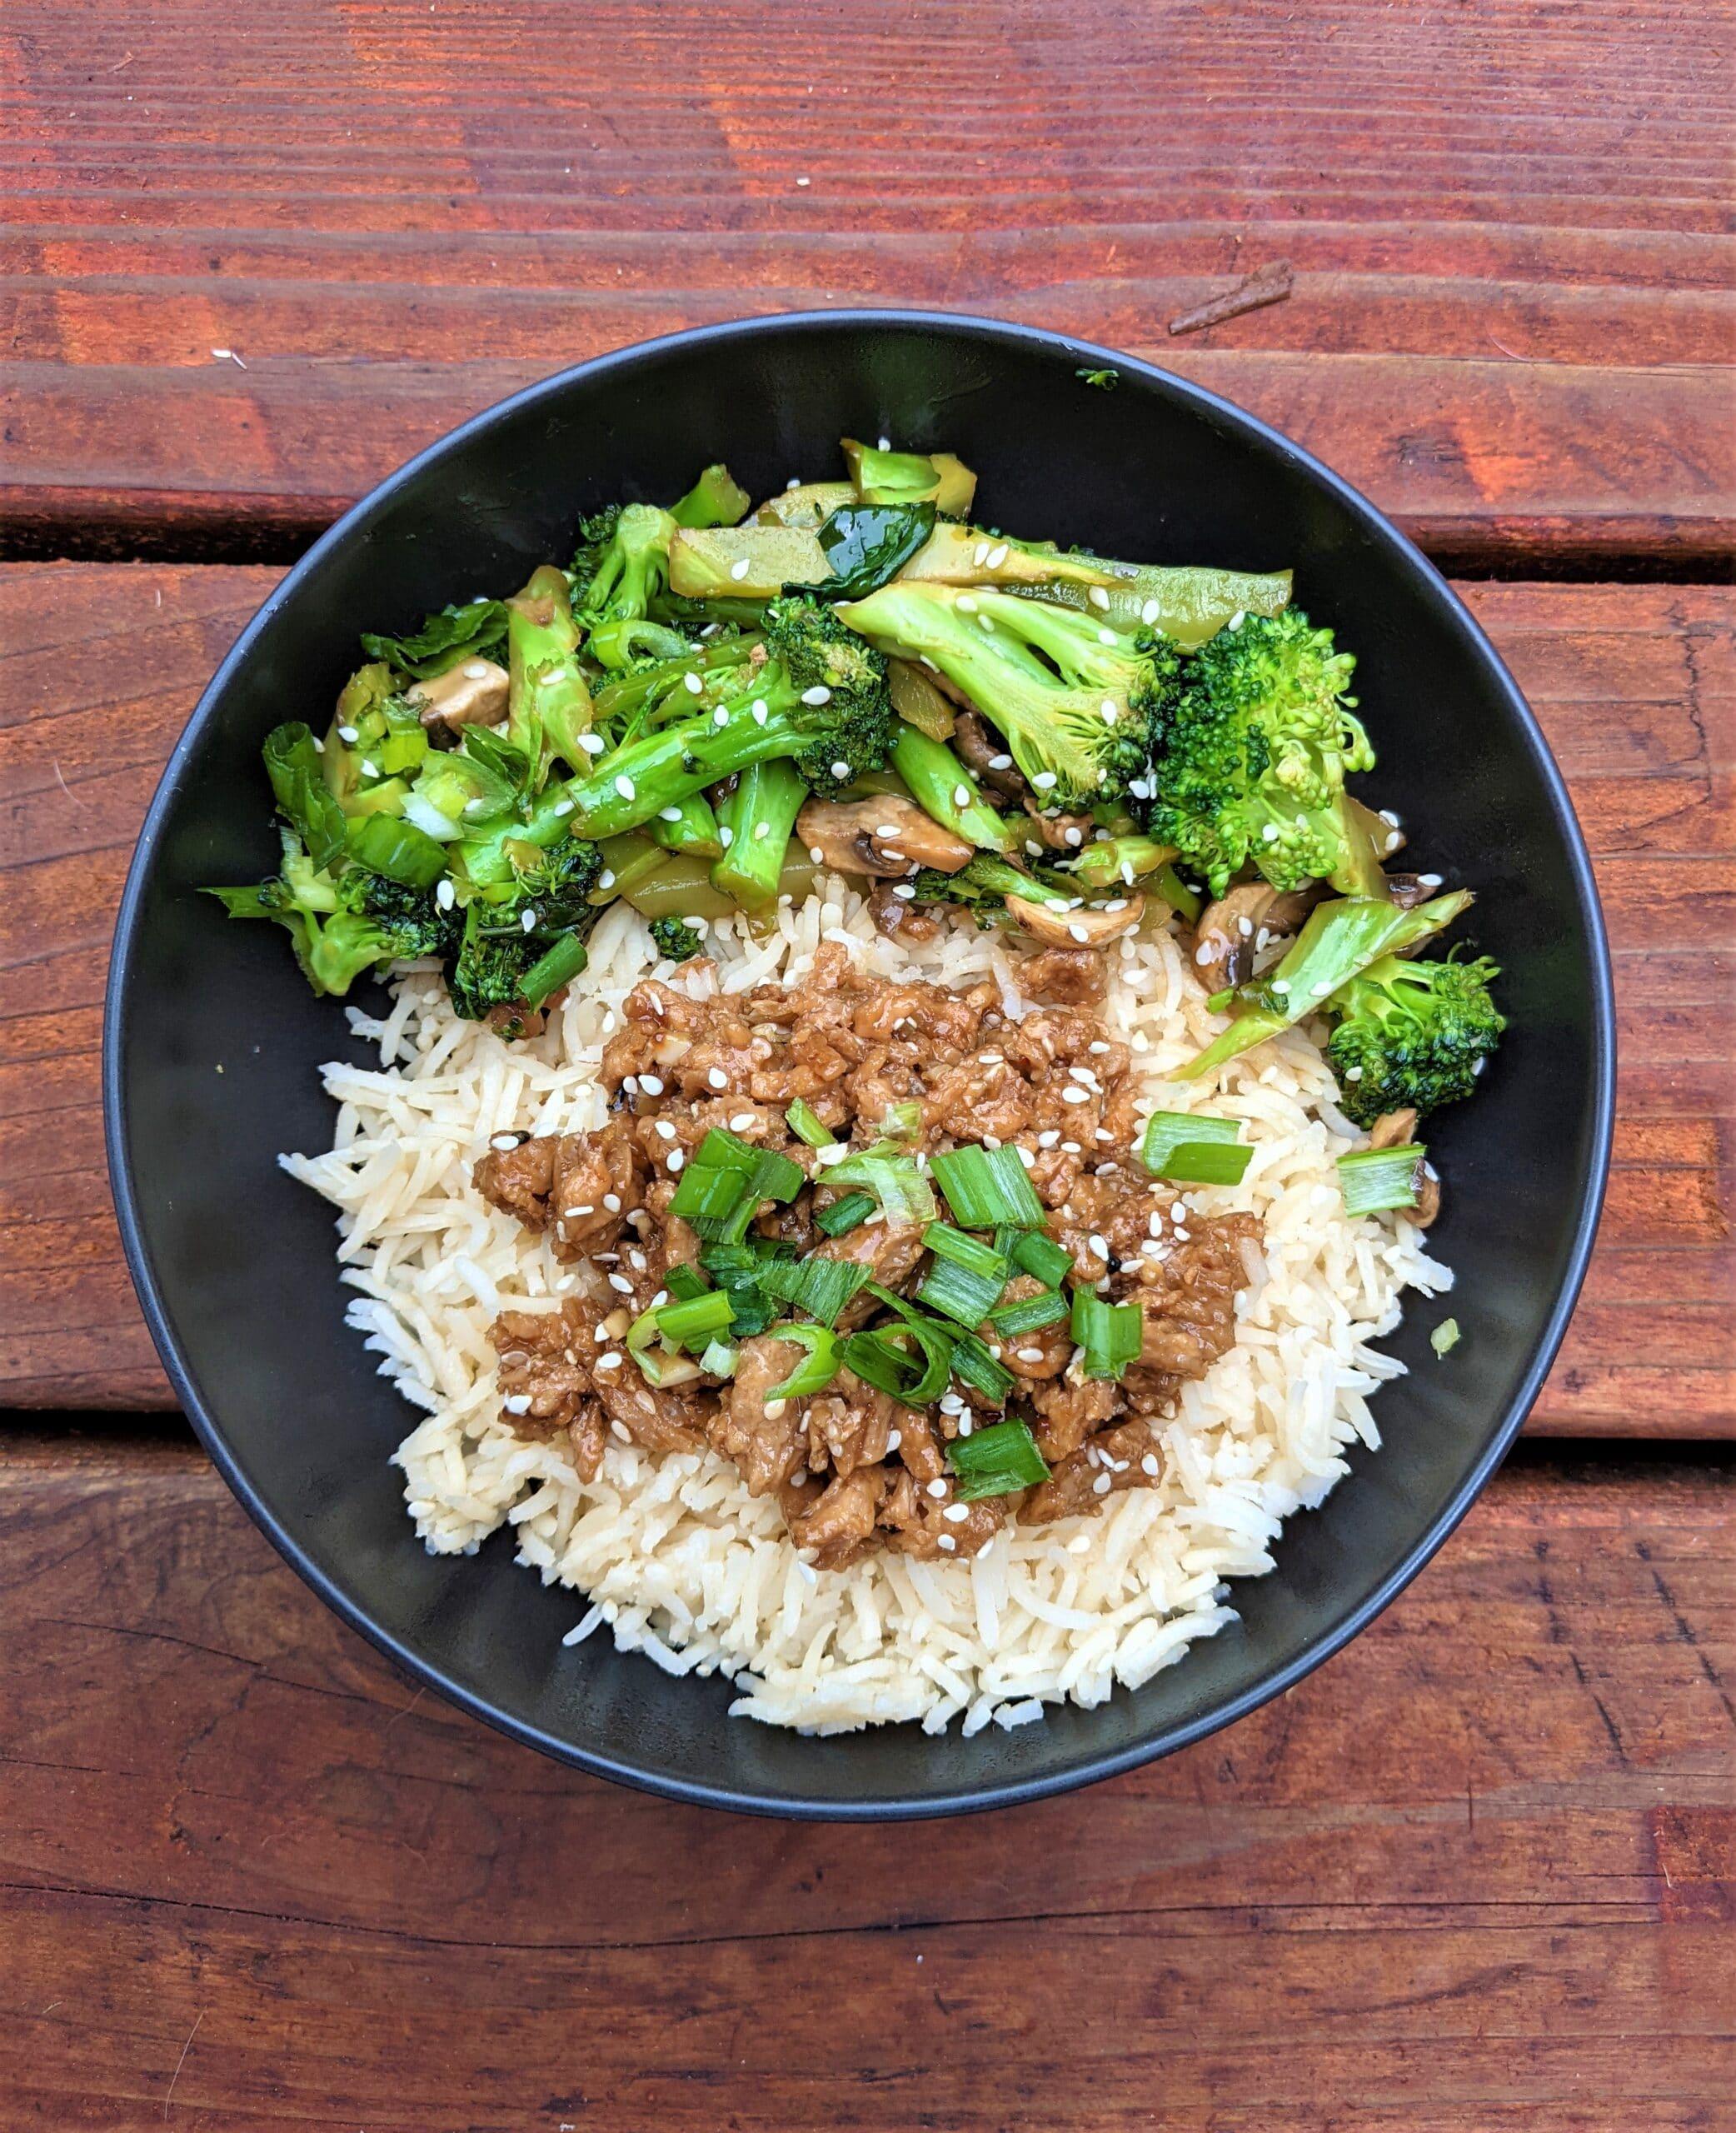 Vegan Mongolian beef broccoli